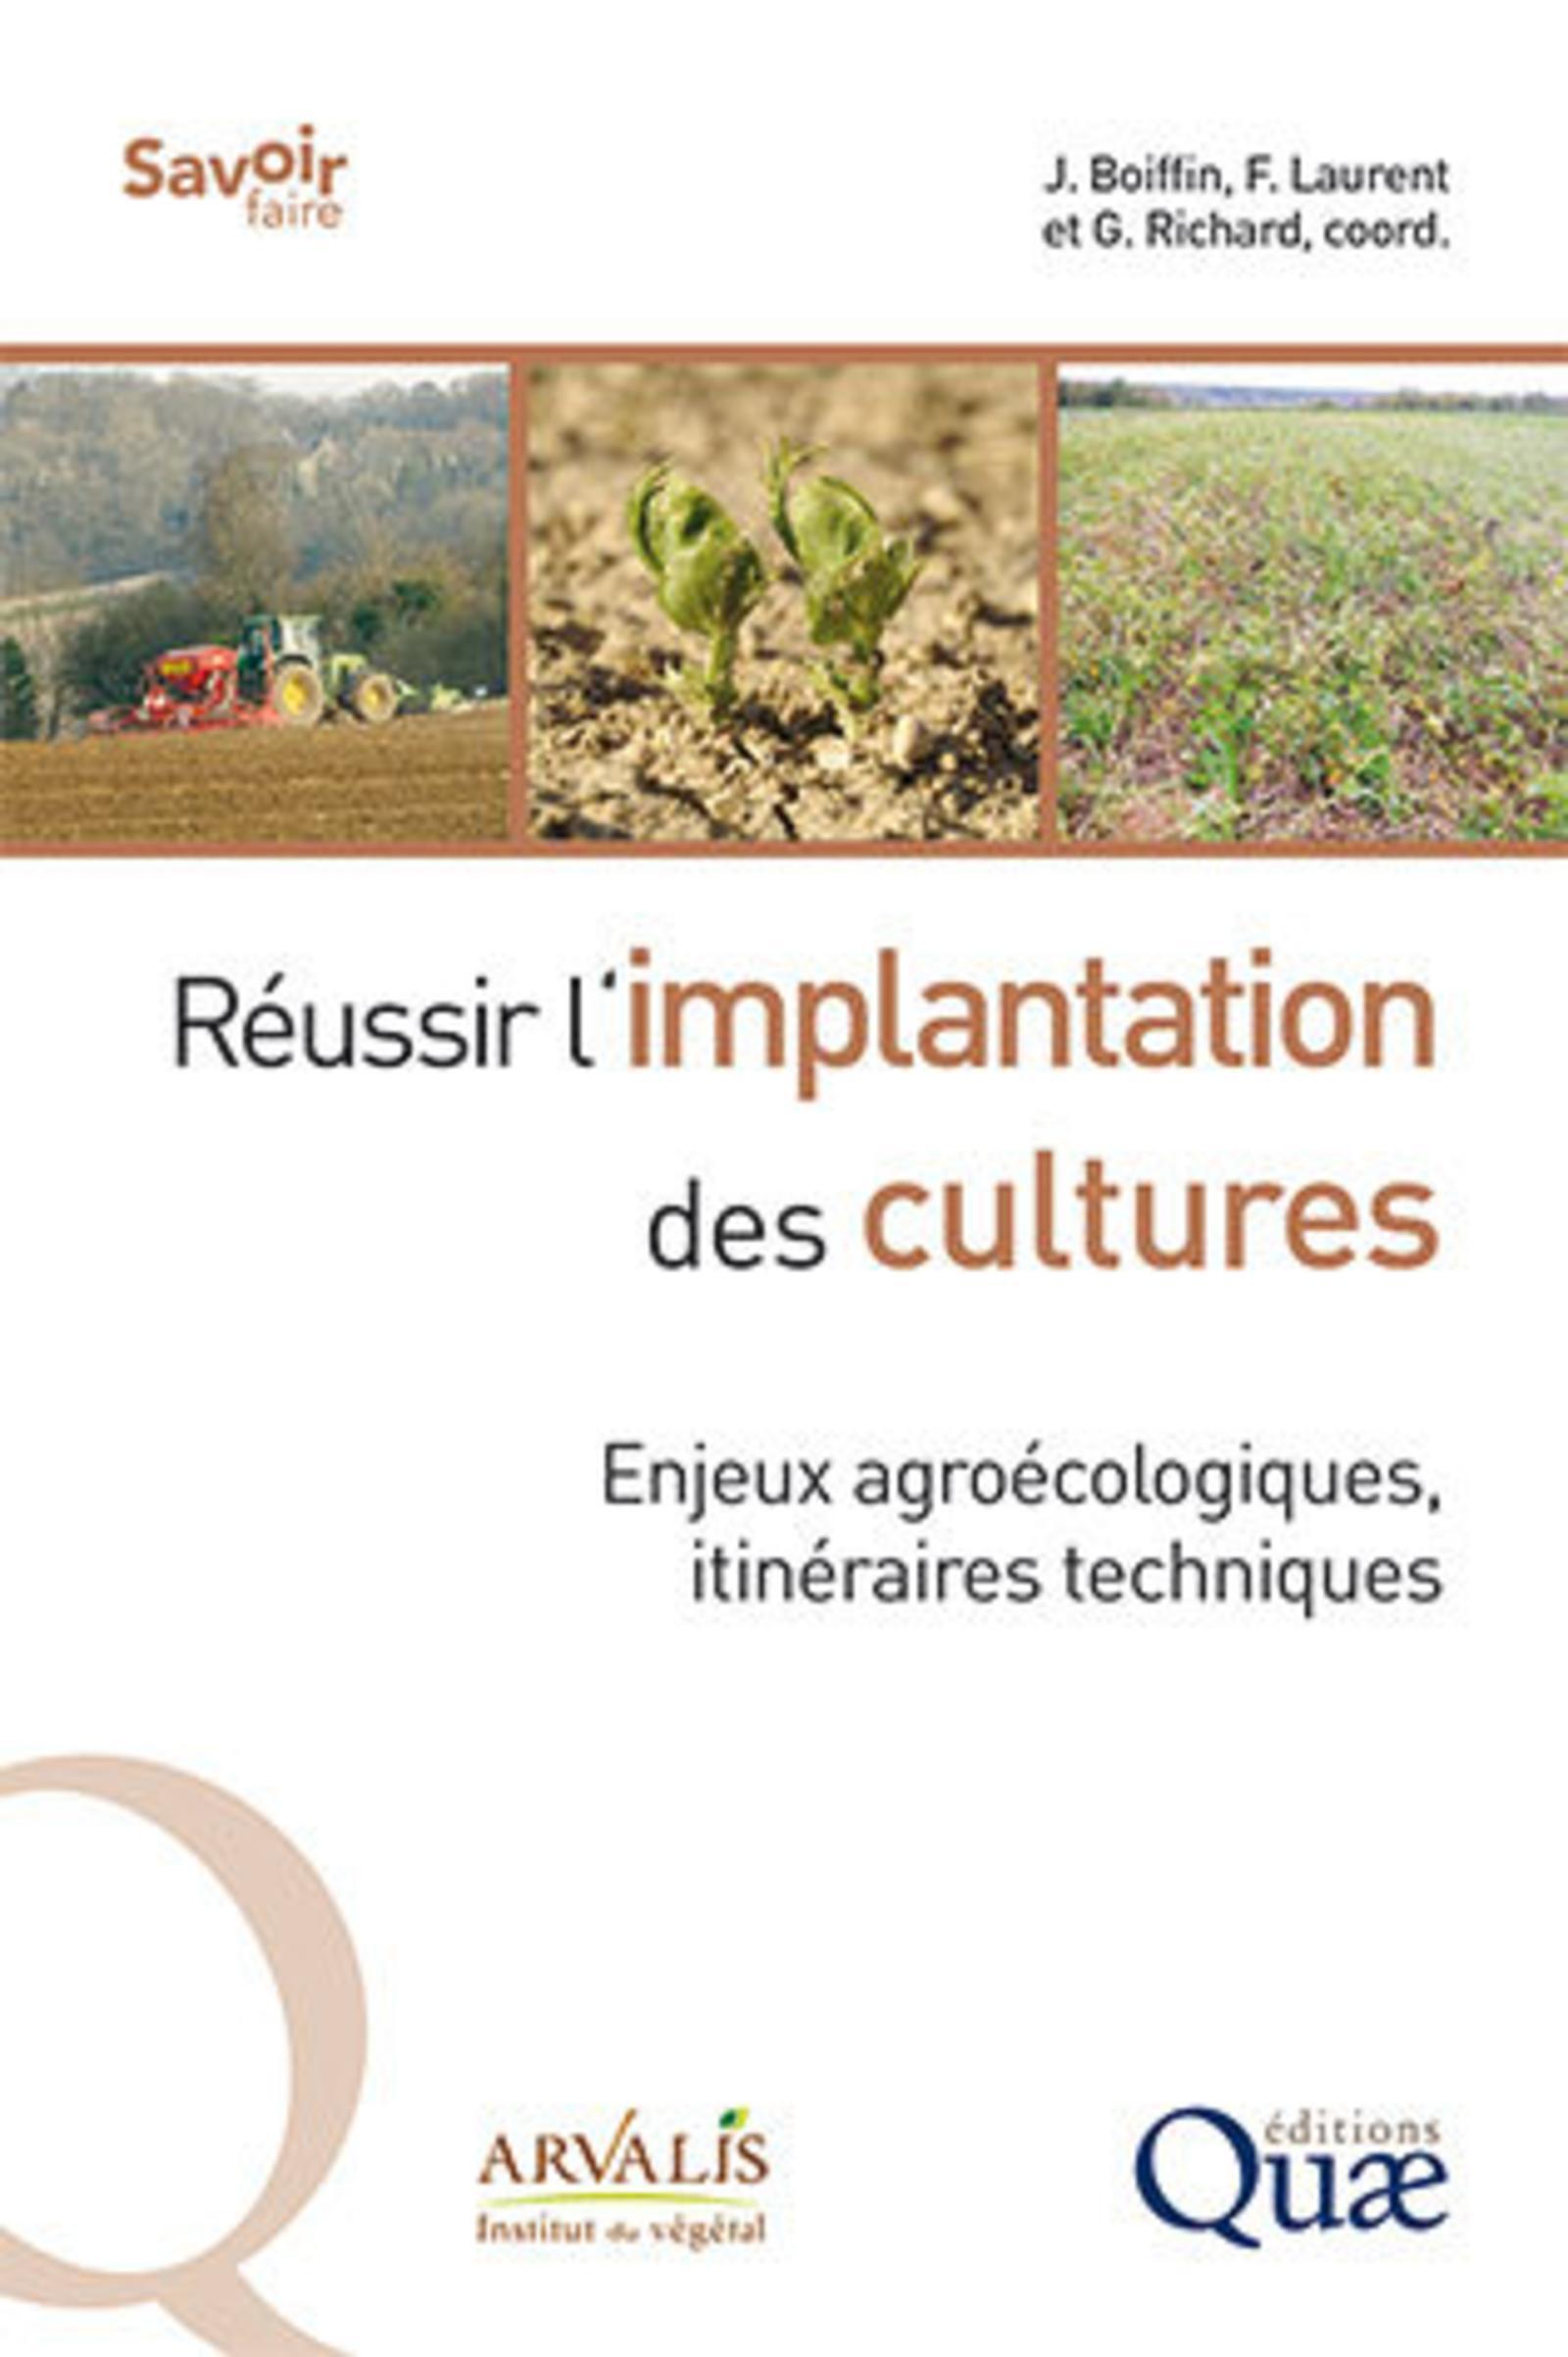 REUSSIR L'IMPLANTATION DES CULTURES - ENJEUX AGROECOLOGIQUES, ITINERAIRES TECHNIQUES